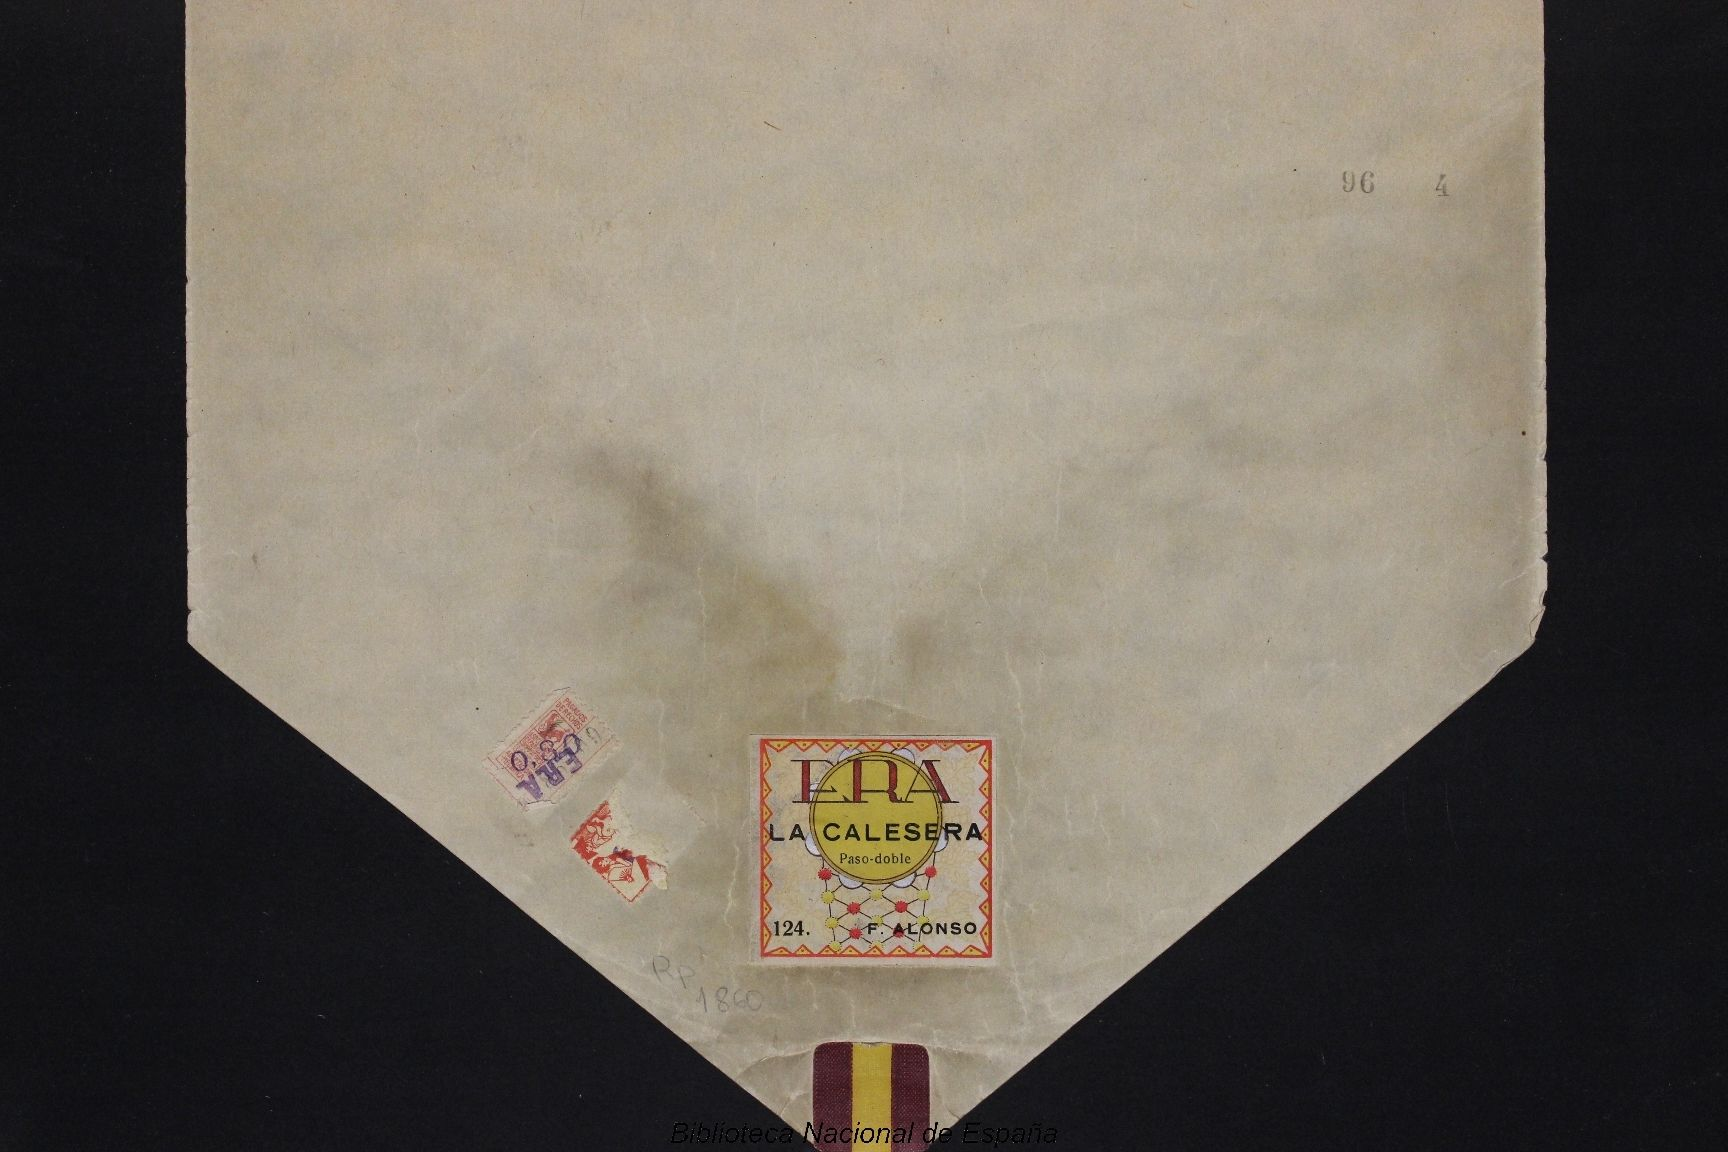 La Calesera [Grabación sonora] : Gavota / F. Alonso. --      Madrid : ERA, [entre 1925 y 1936]          1 rollo de pianola ; 32 cm